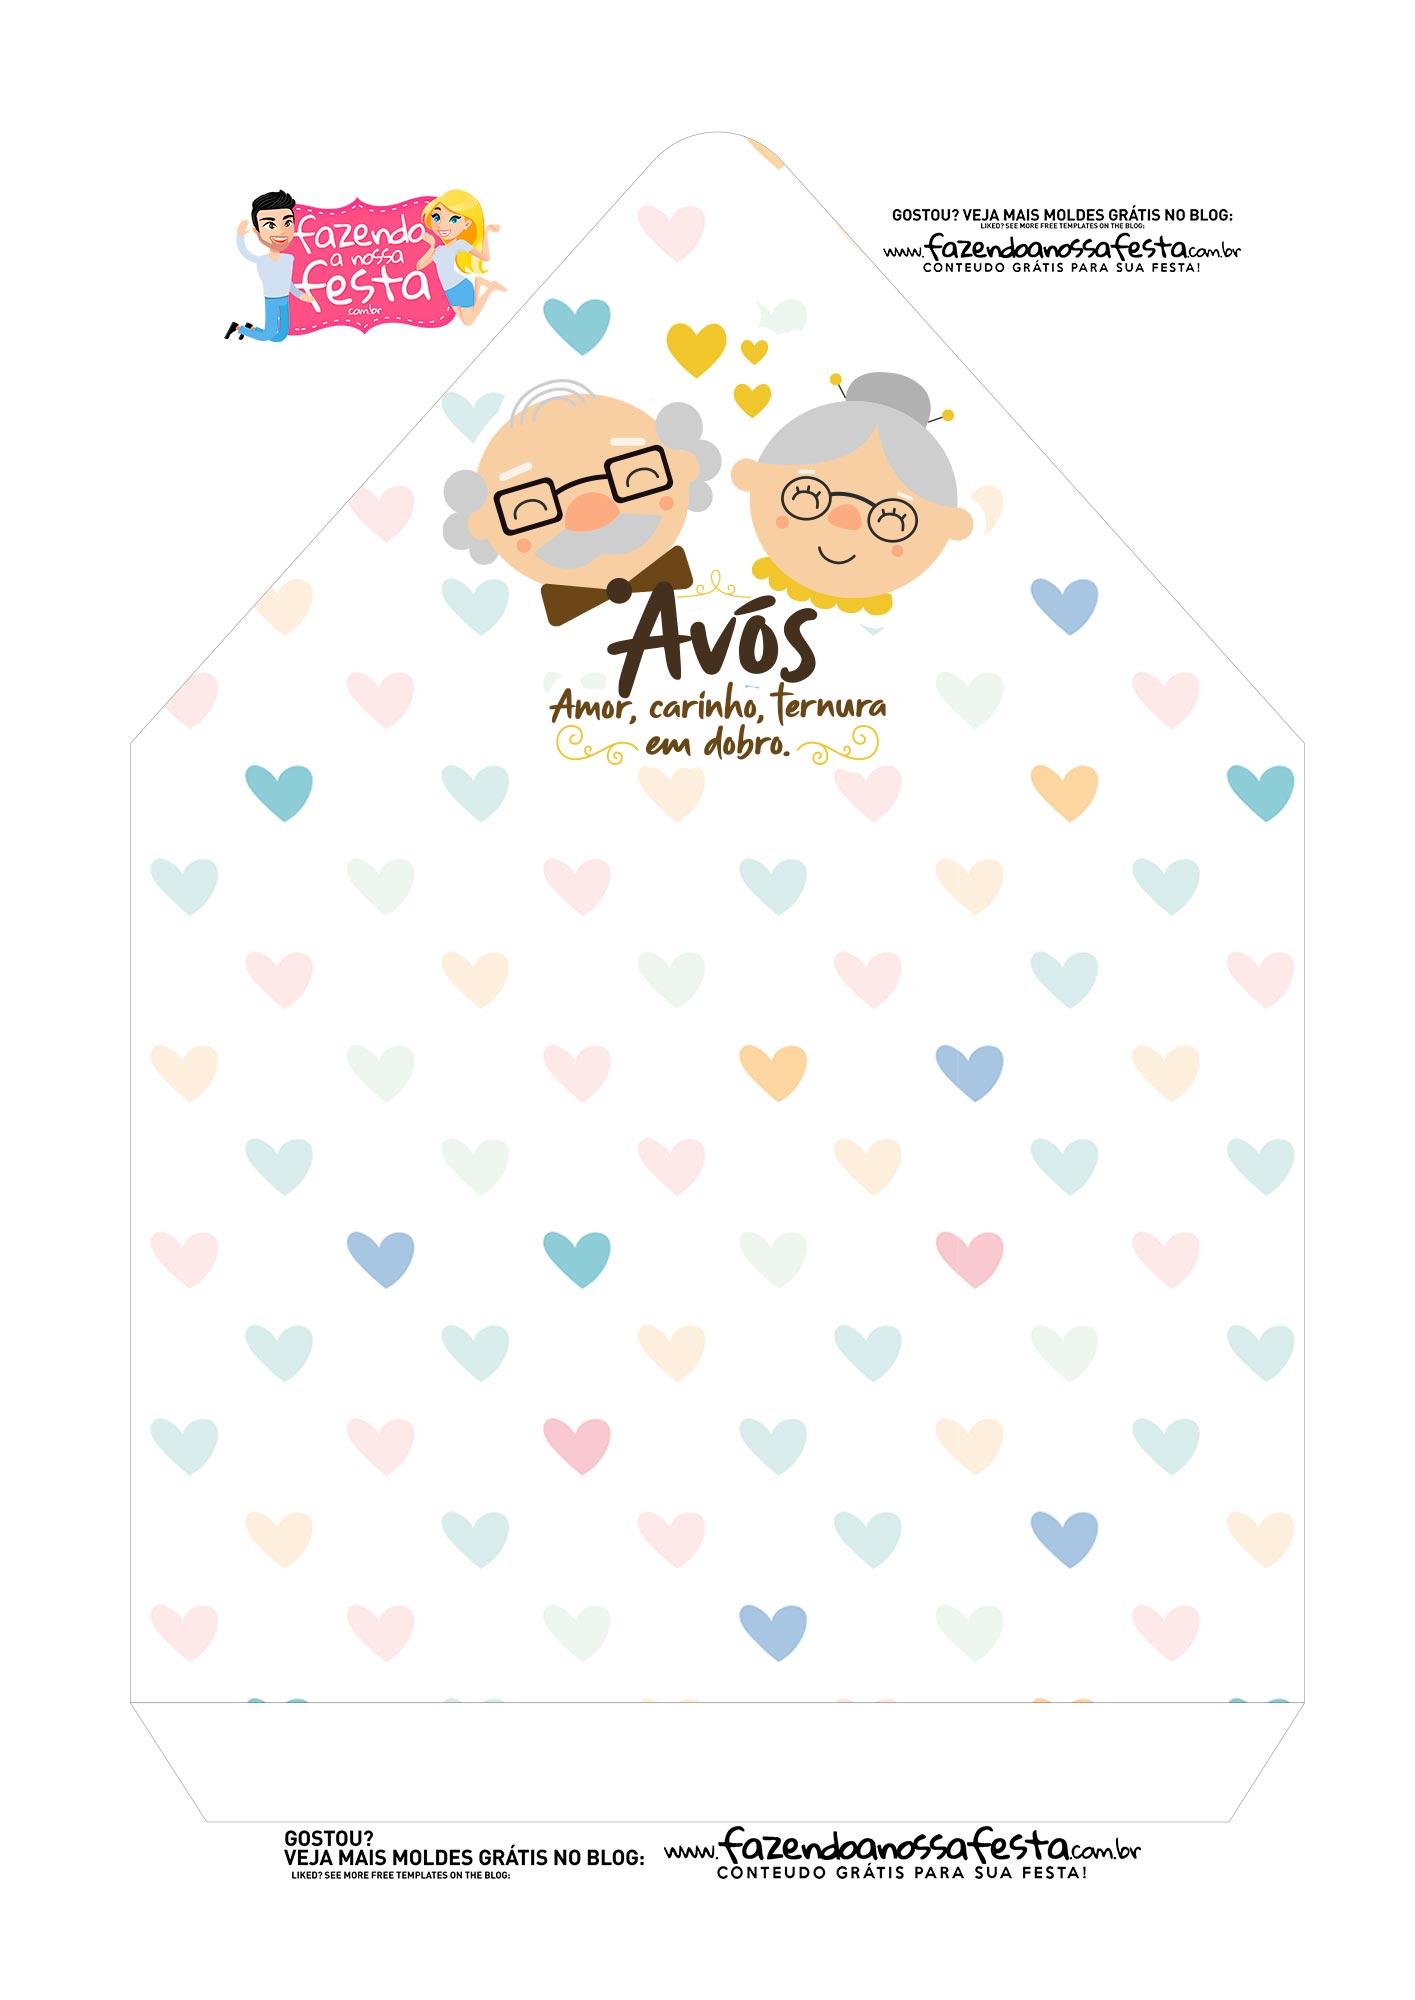 Caixa Envelope Dia dos Avos Coracao 2